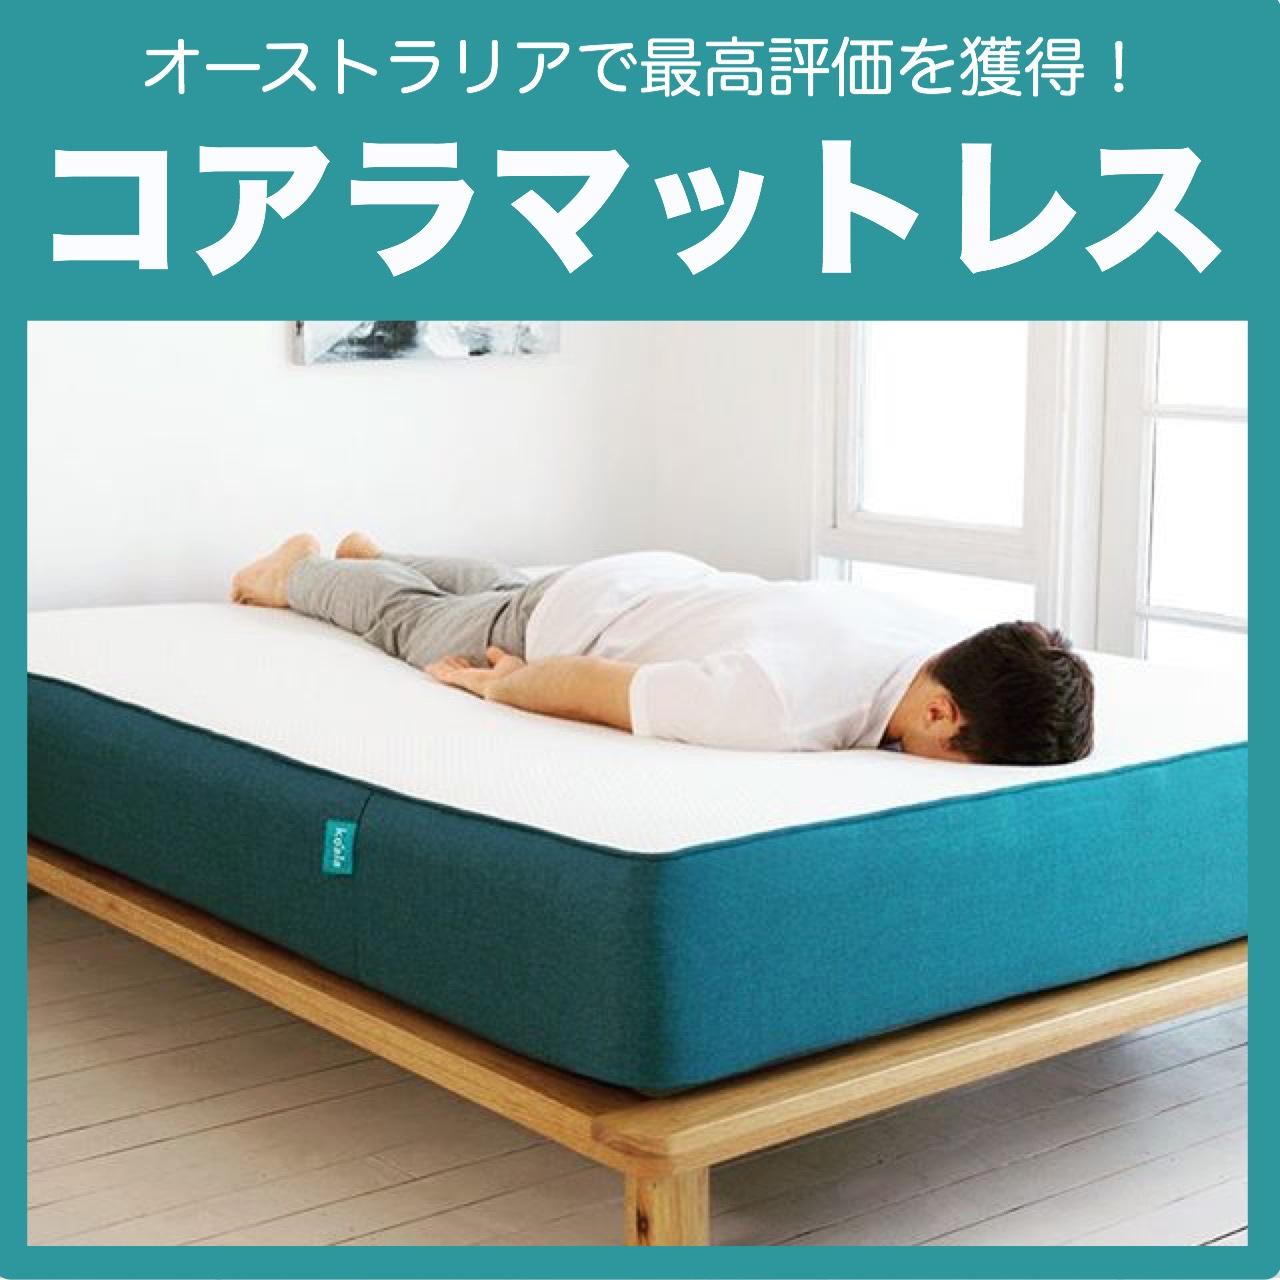 【最近話題】コアラマットレス|高反発ベッドマットレス